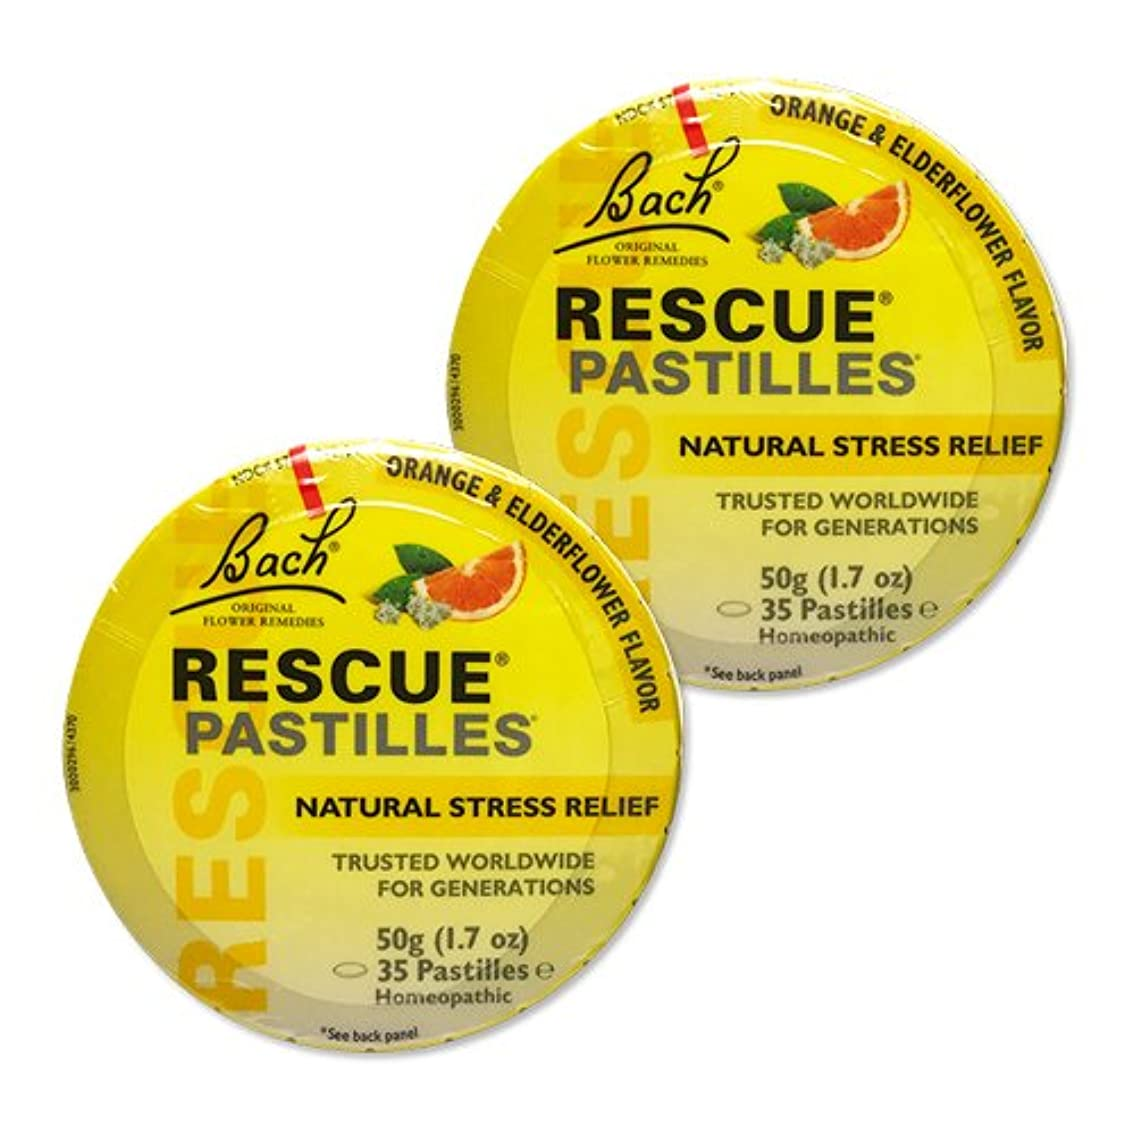 リングバックキャベツ全滅させる【2個セット】 [海外直送品]バッチフラワー レスキューレメディー パステル(オレンジ) Rescue Pastilles: For Occasional...